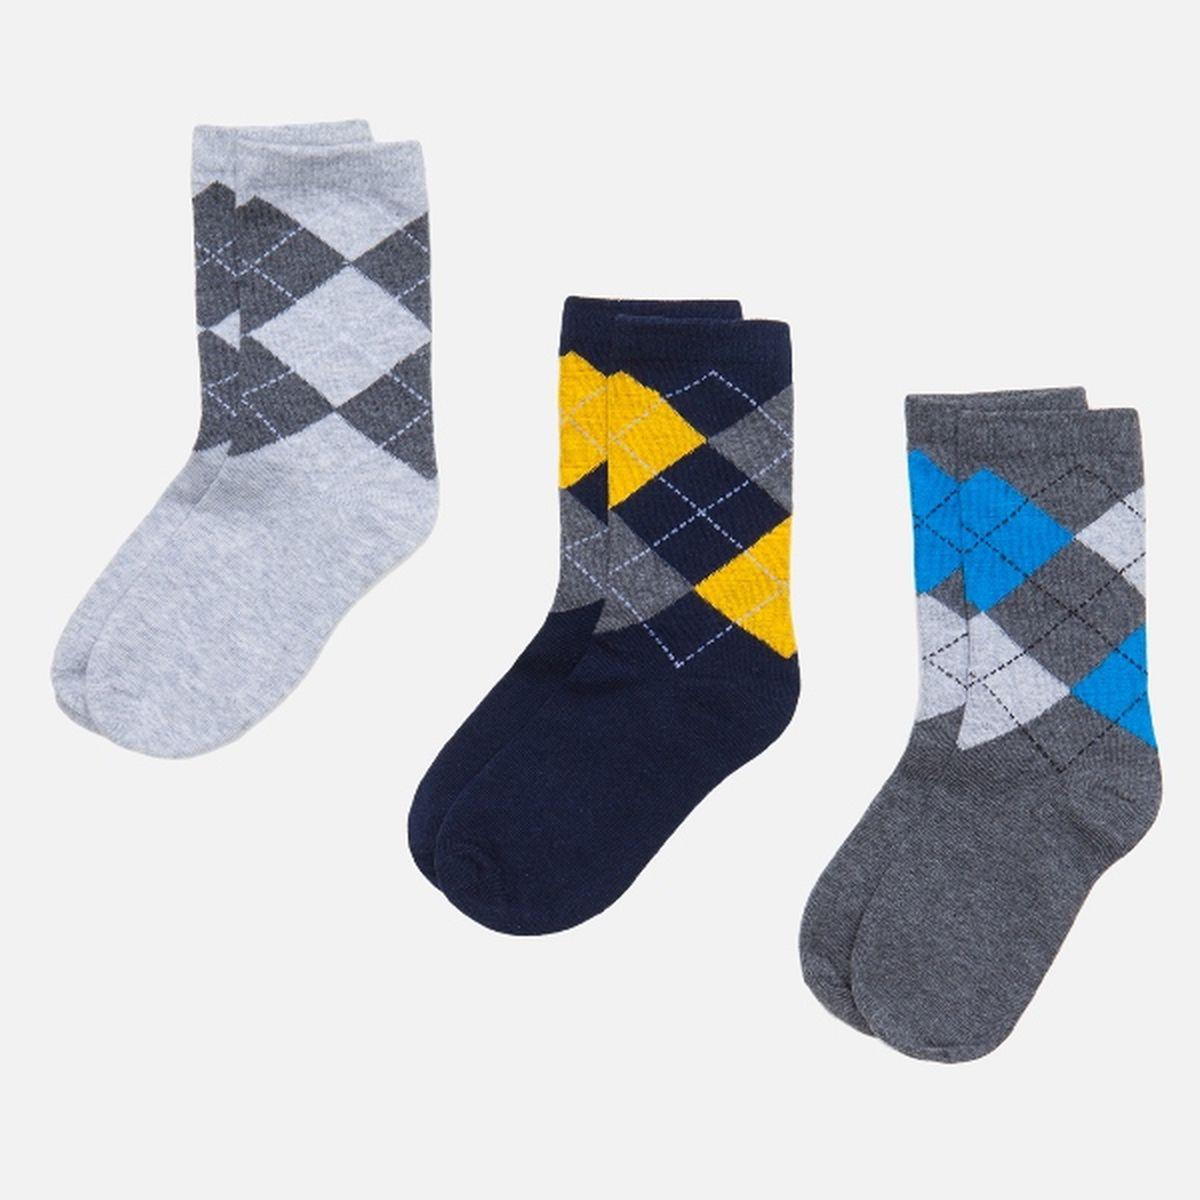 Носки для мальчиков Kotter, 3 шт. 3211442001732114420017_4400